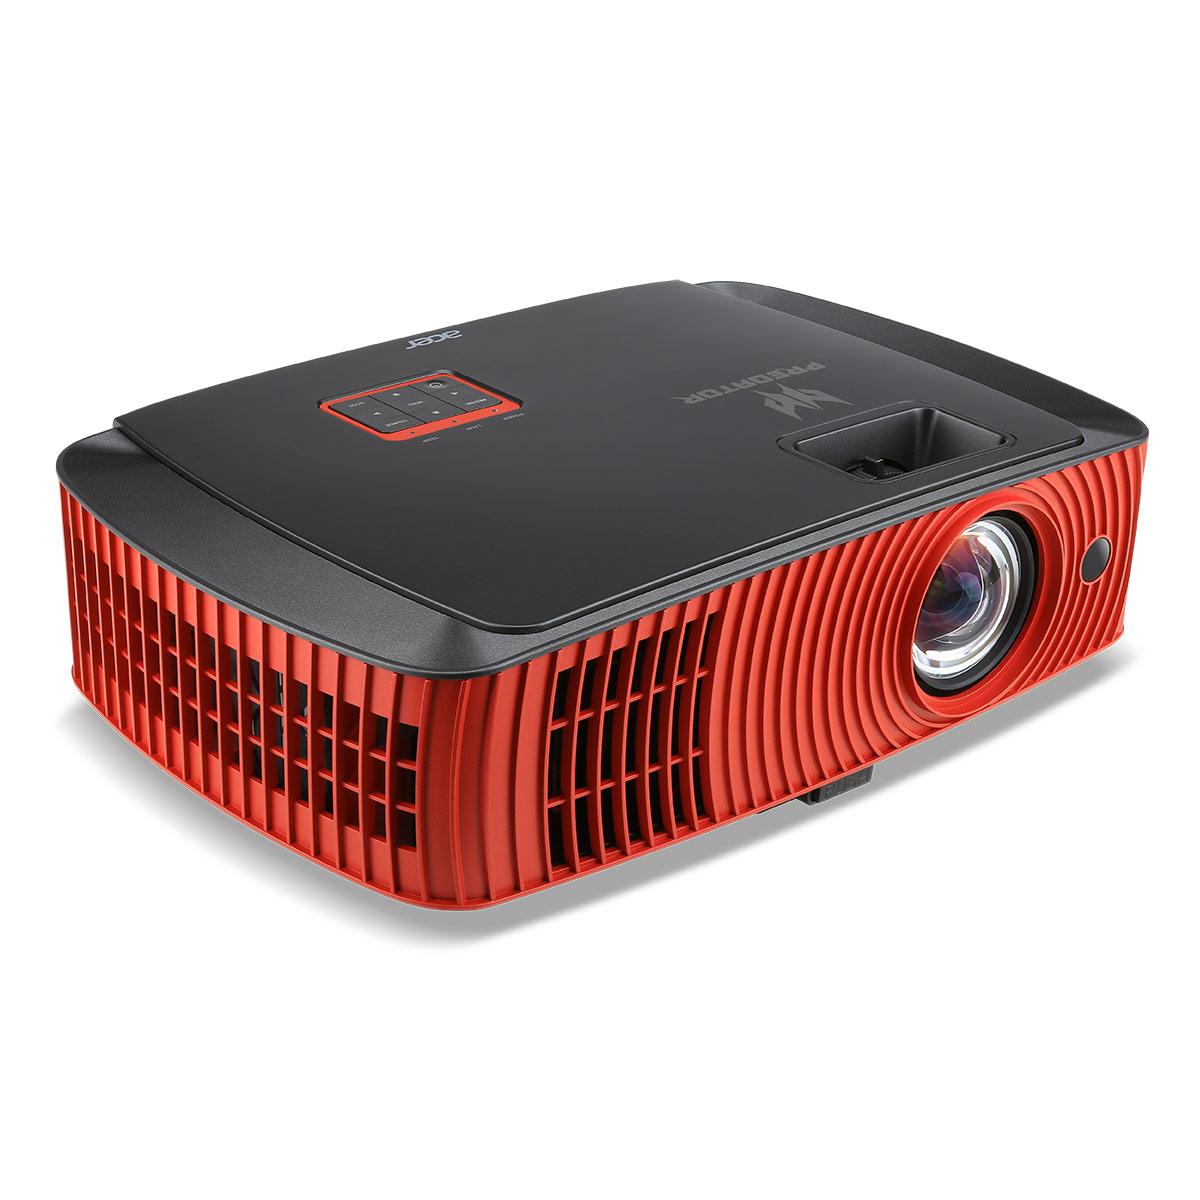 Vidéoprojecteur Acer Predator Z650 + Lunettes 3D Vidéoprojecteur DLP pour gamer 3D Full HD Native 2200 Lumens + 2 paires de lunettes 3D